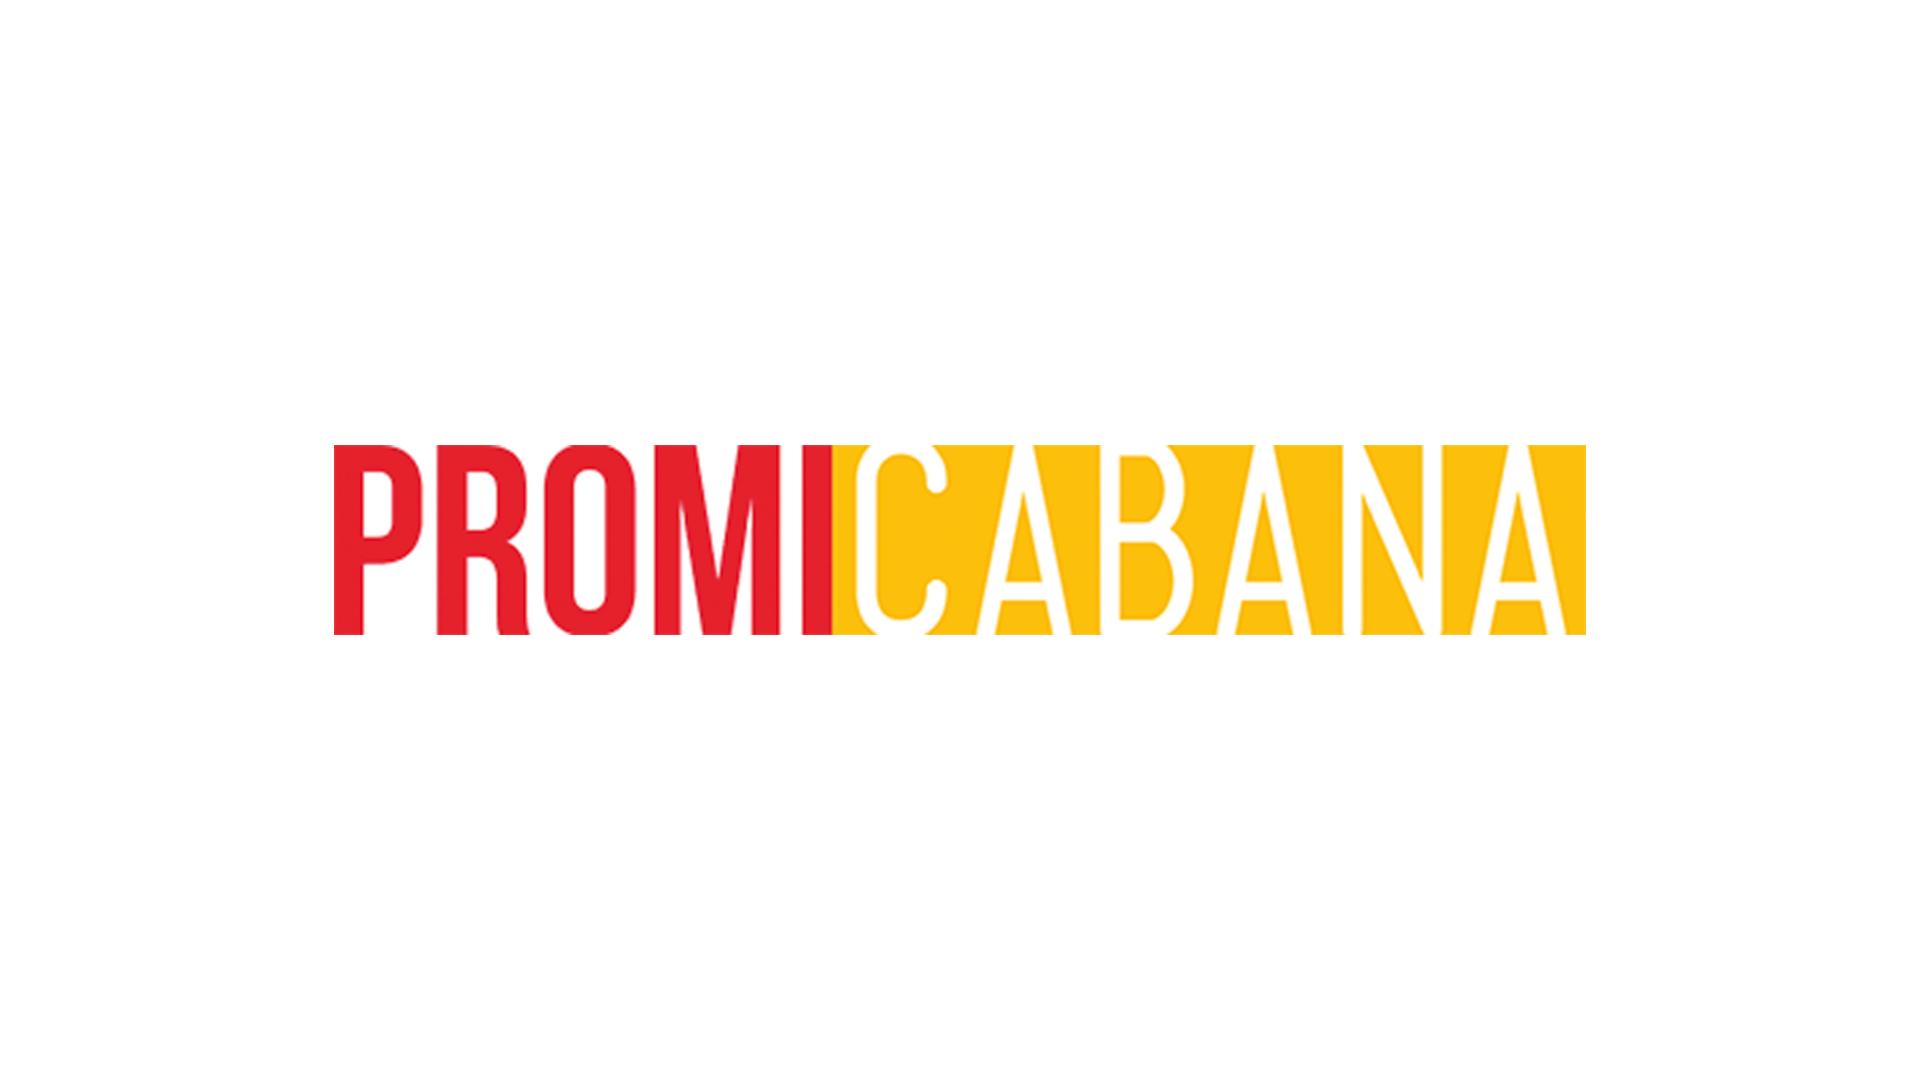 Bette-Midler-Justin-Bieber